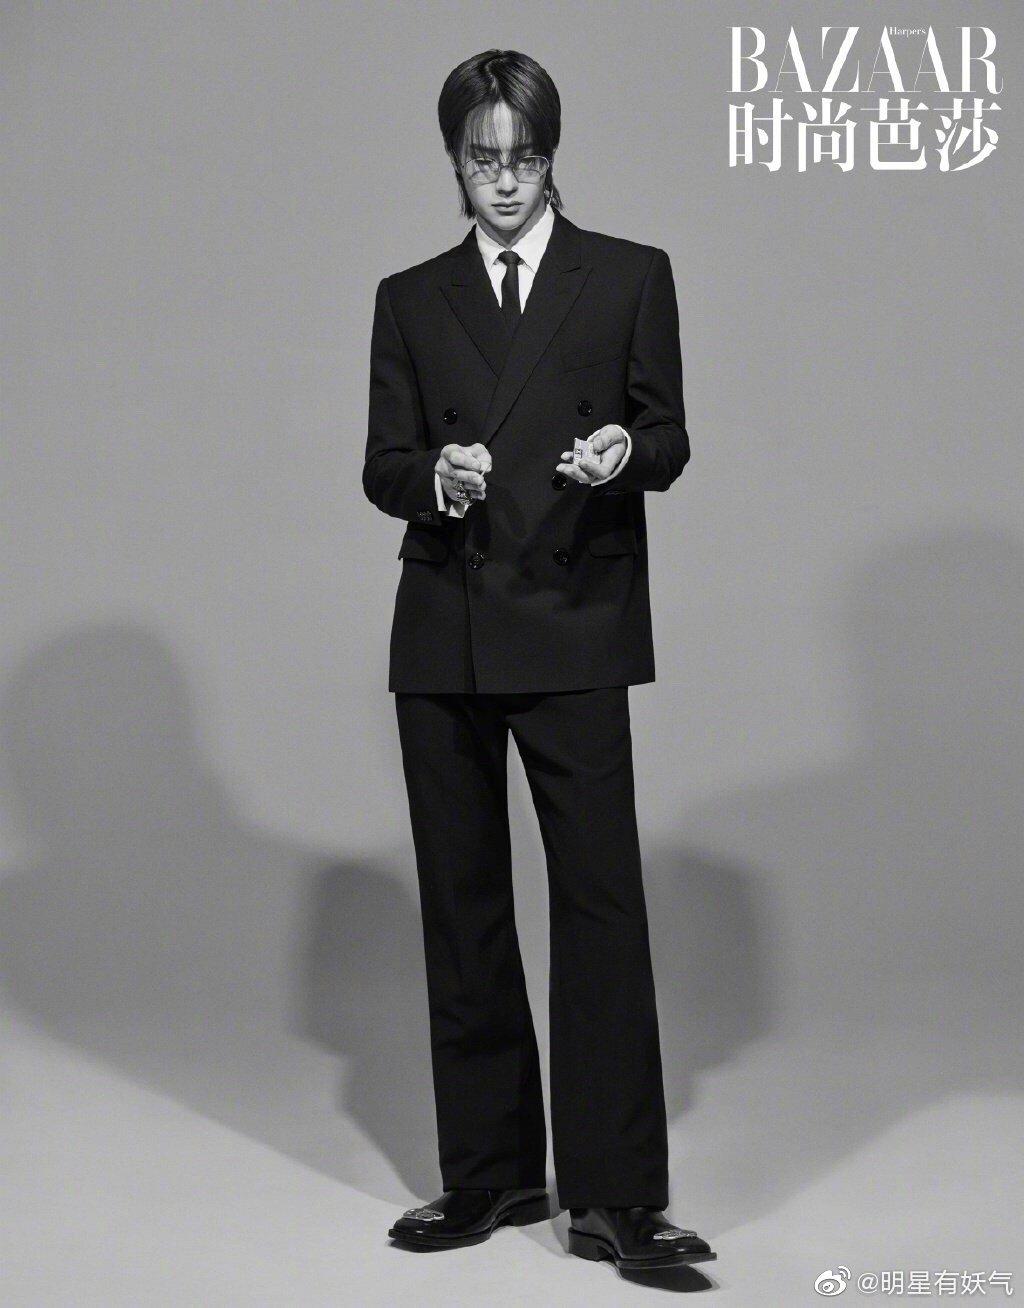 王一博 X《时尚芭莎》 复古潮流,高级时尚…这组LOOK也太酷了吧!